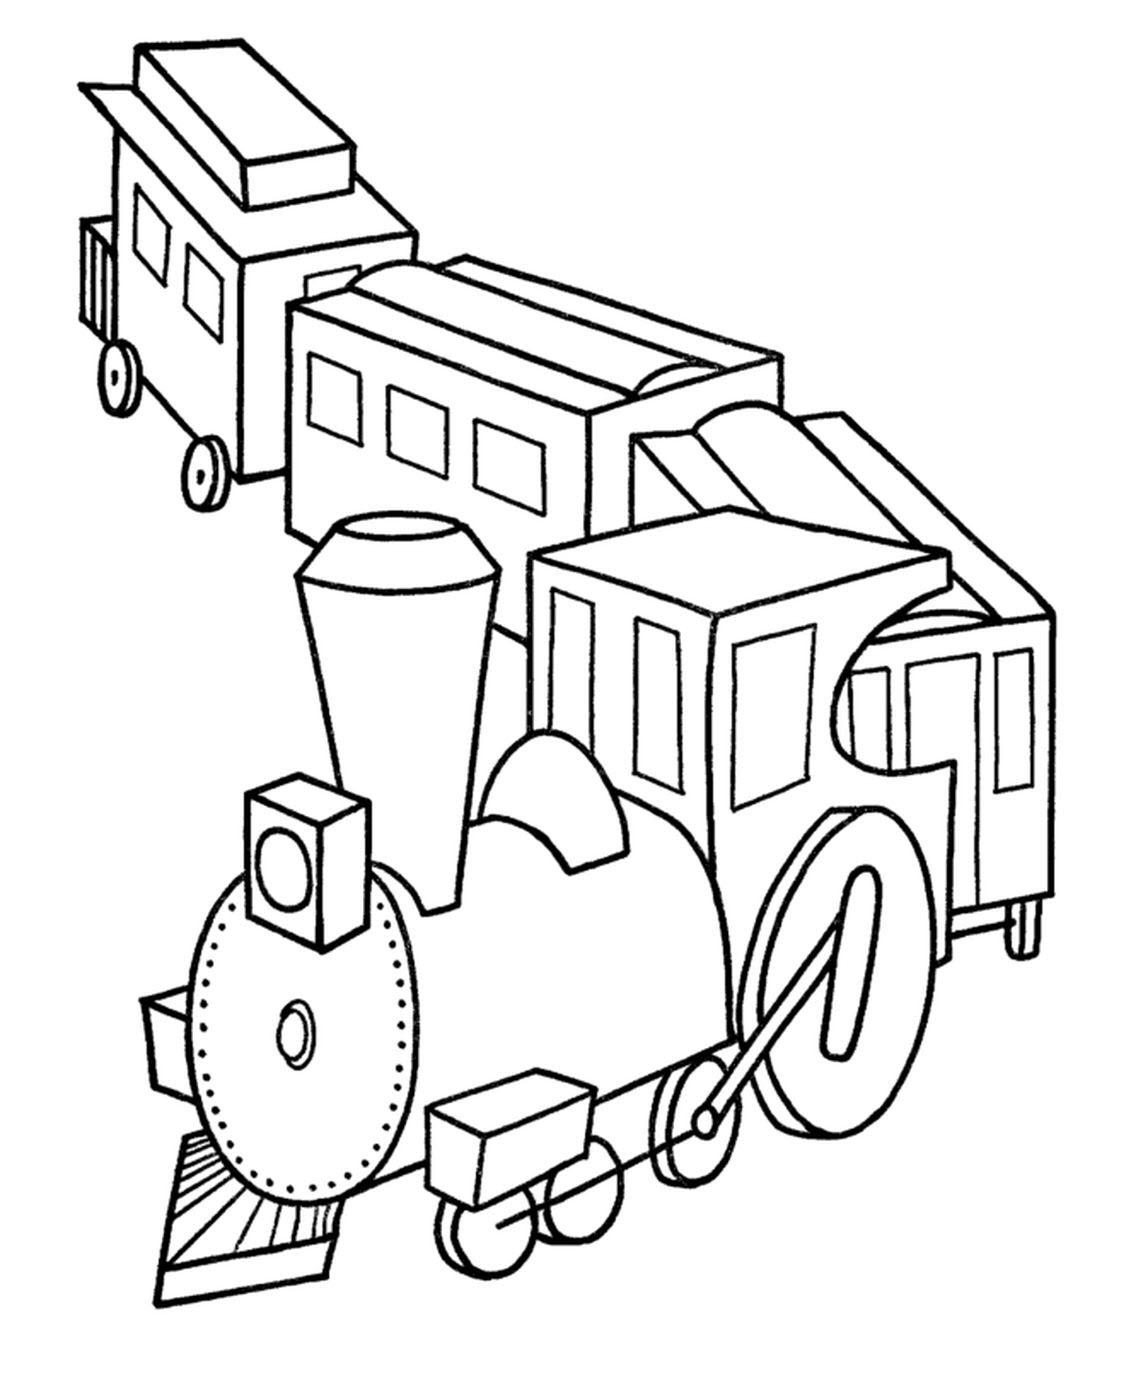 Tranh tô màu xe lửa chở hàng